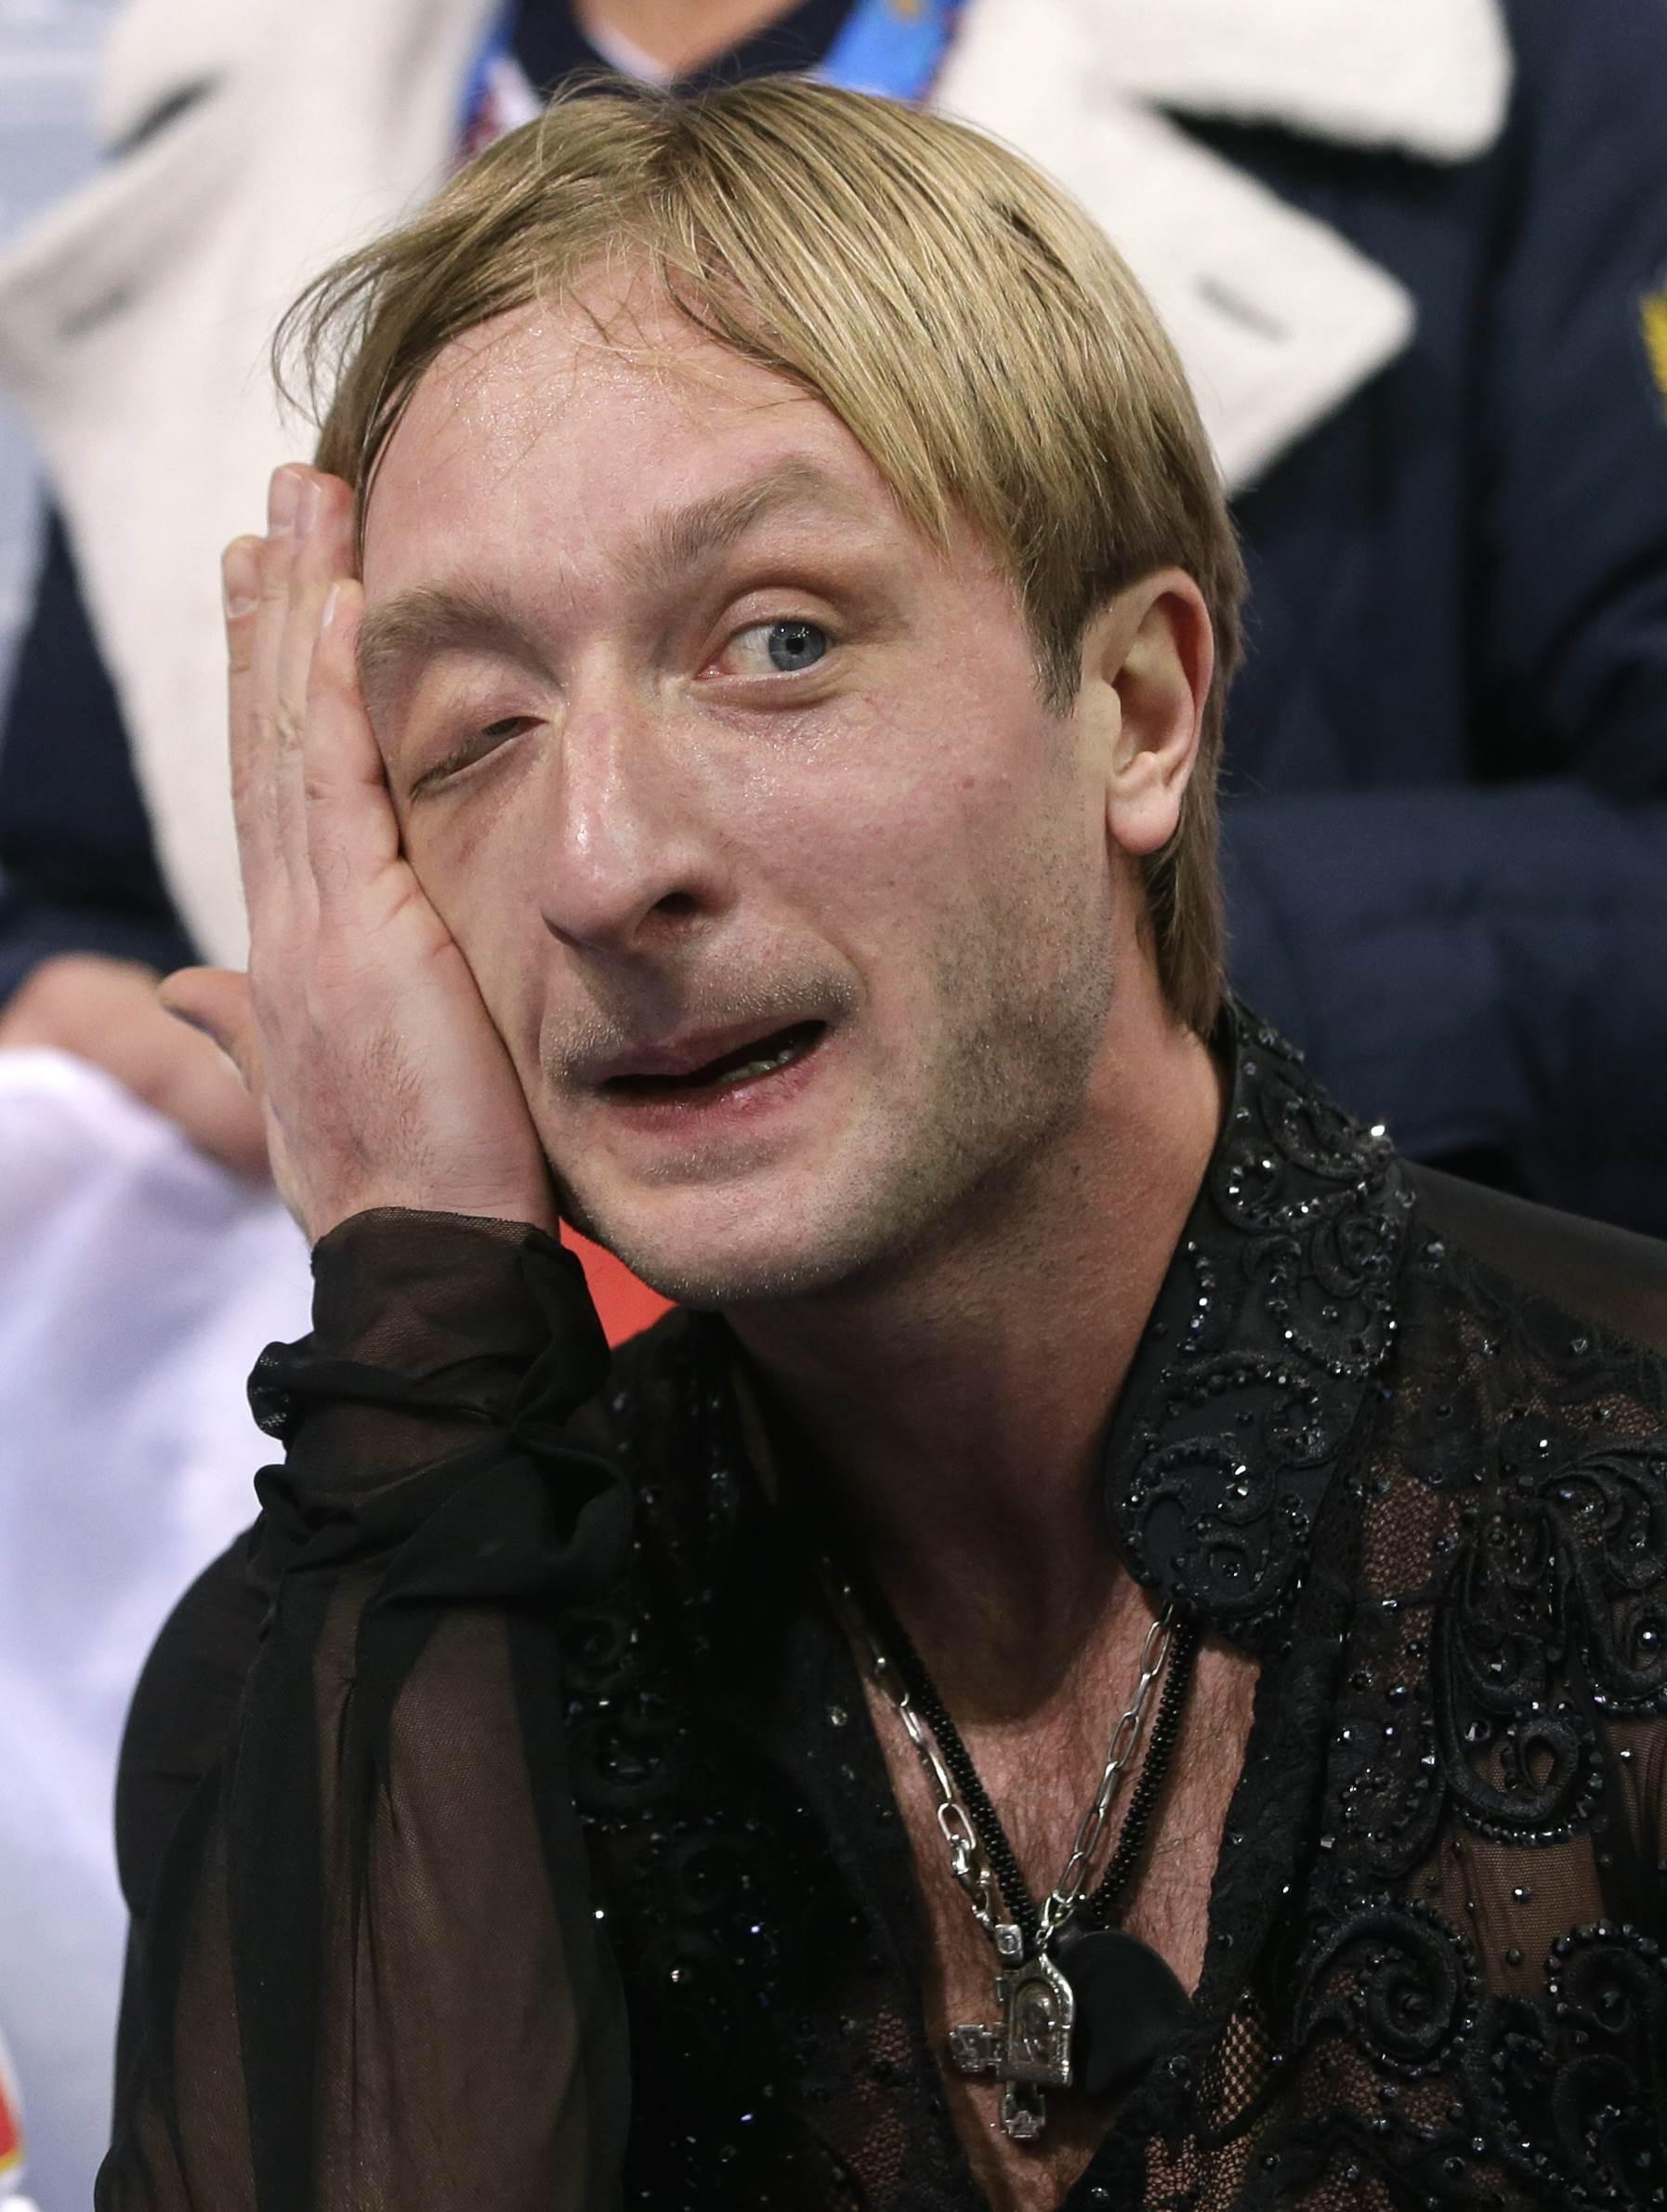 Евгений Плющенко выступает в Сочи уже на своей четвертой Олимпиаде